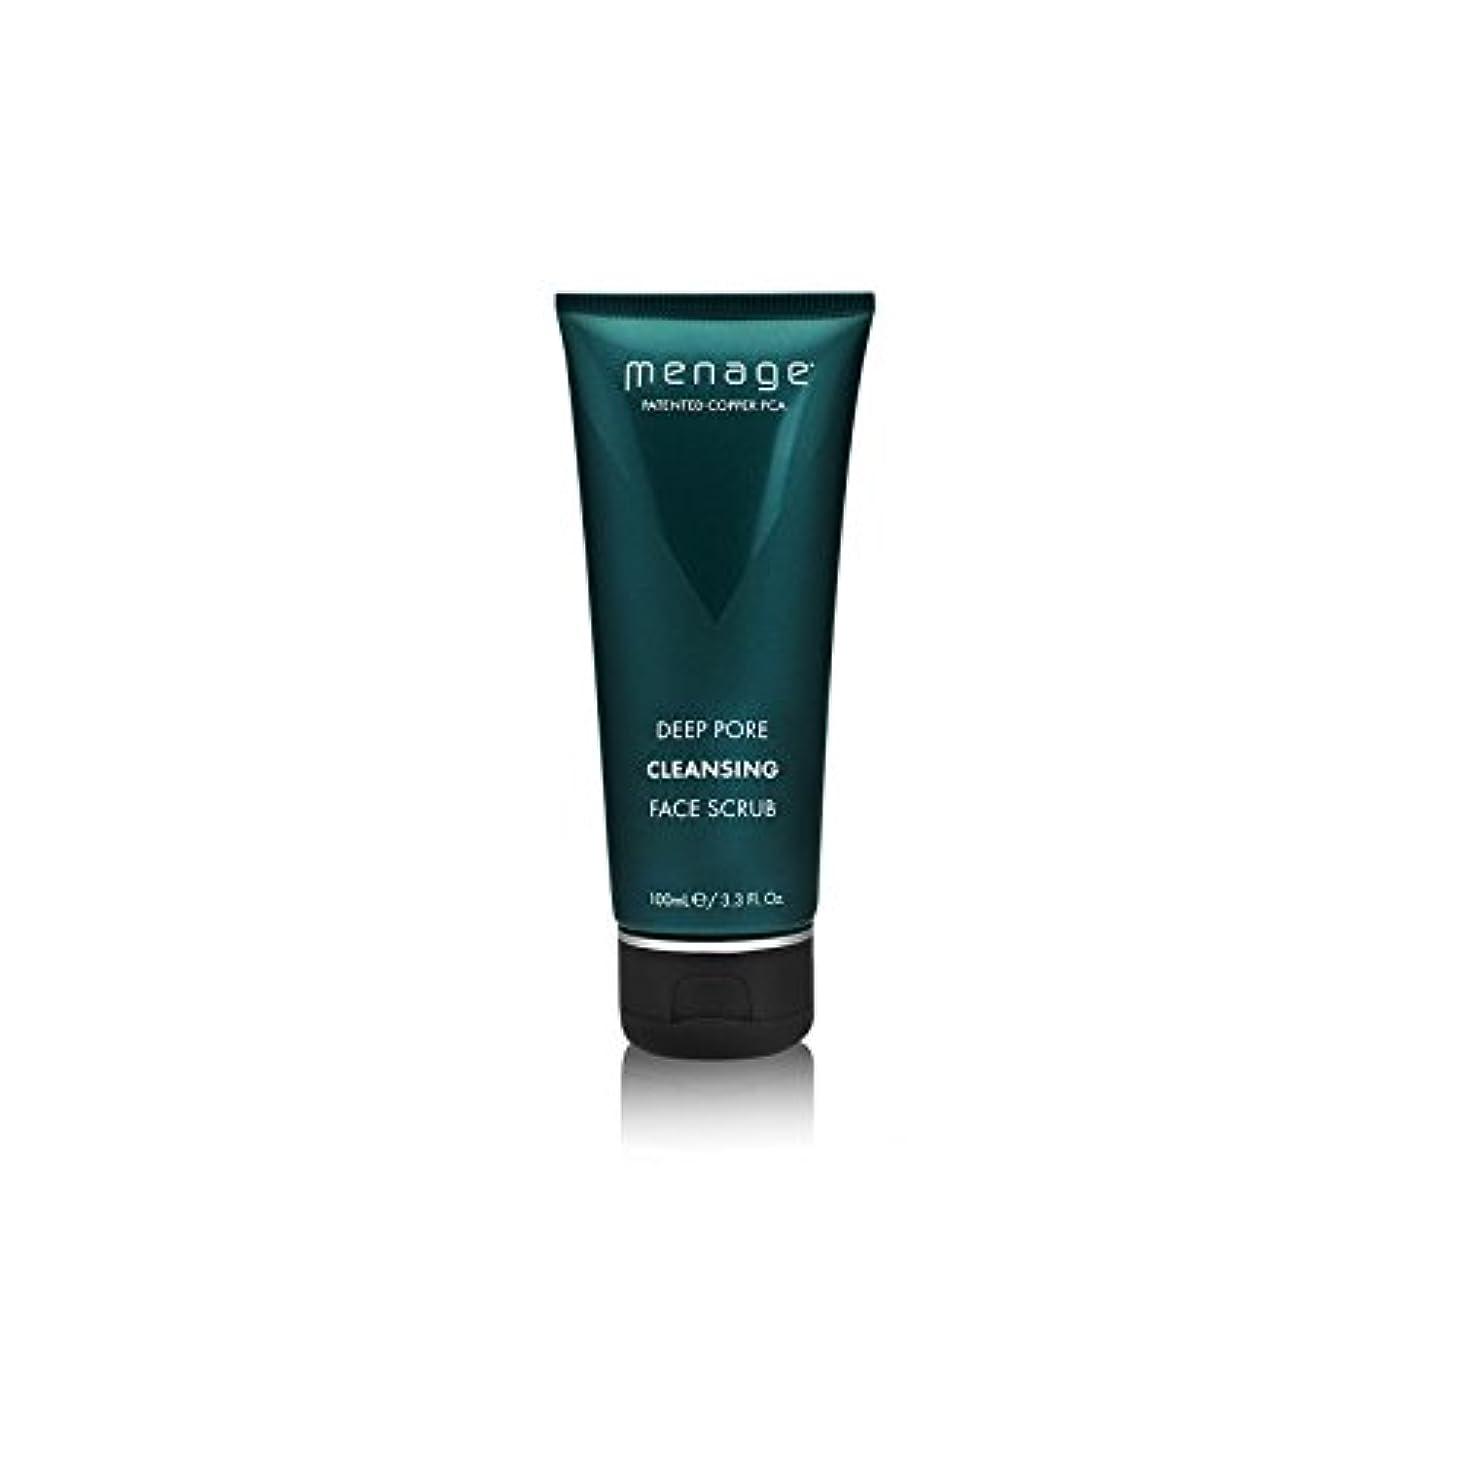 間隔リクルート捕虜Menage Deep Pore Cleansing Face Scrub (100ml) (Pack of 6) - メナージュ深いポアクレンジングフェイススクラブ(100ミリリットル) x6 [並行輸入品]